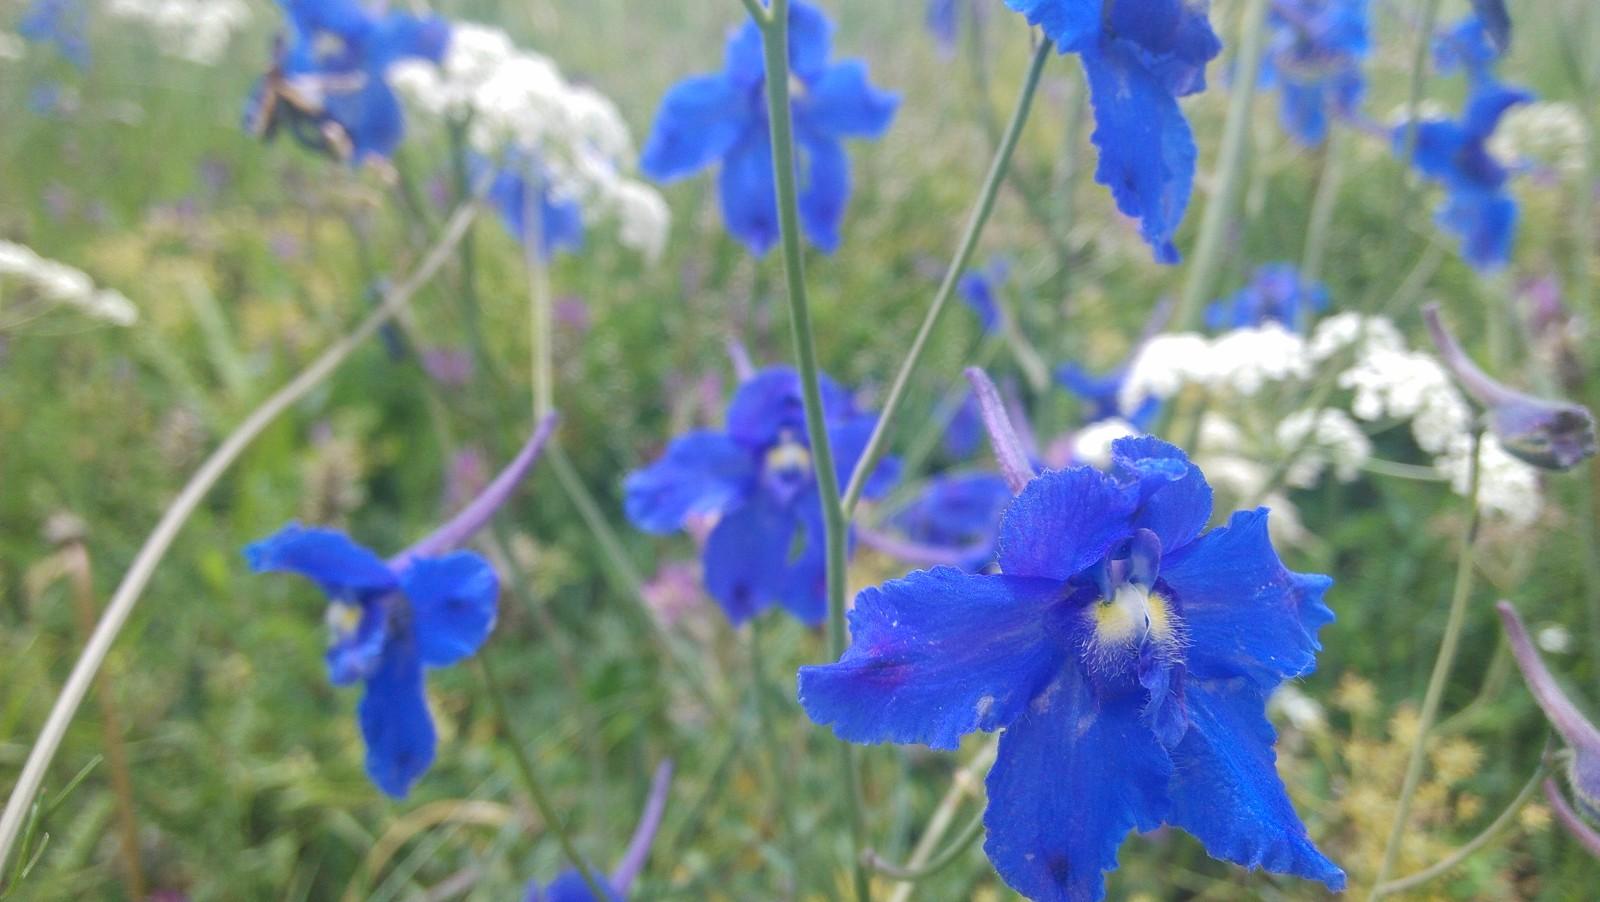 蓝色的花儿